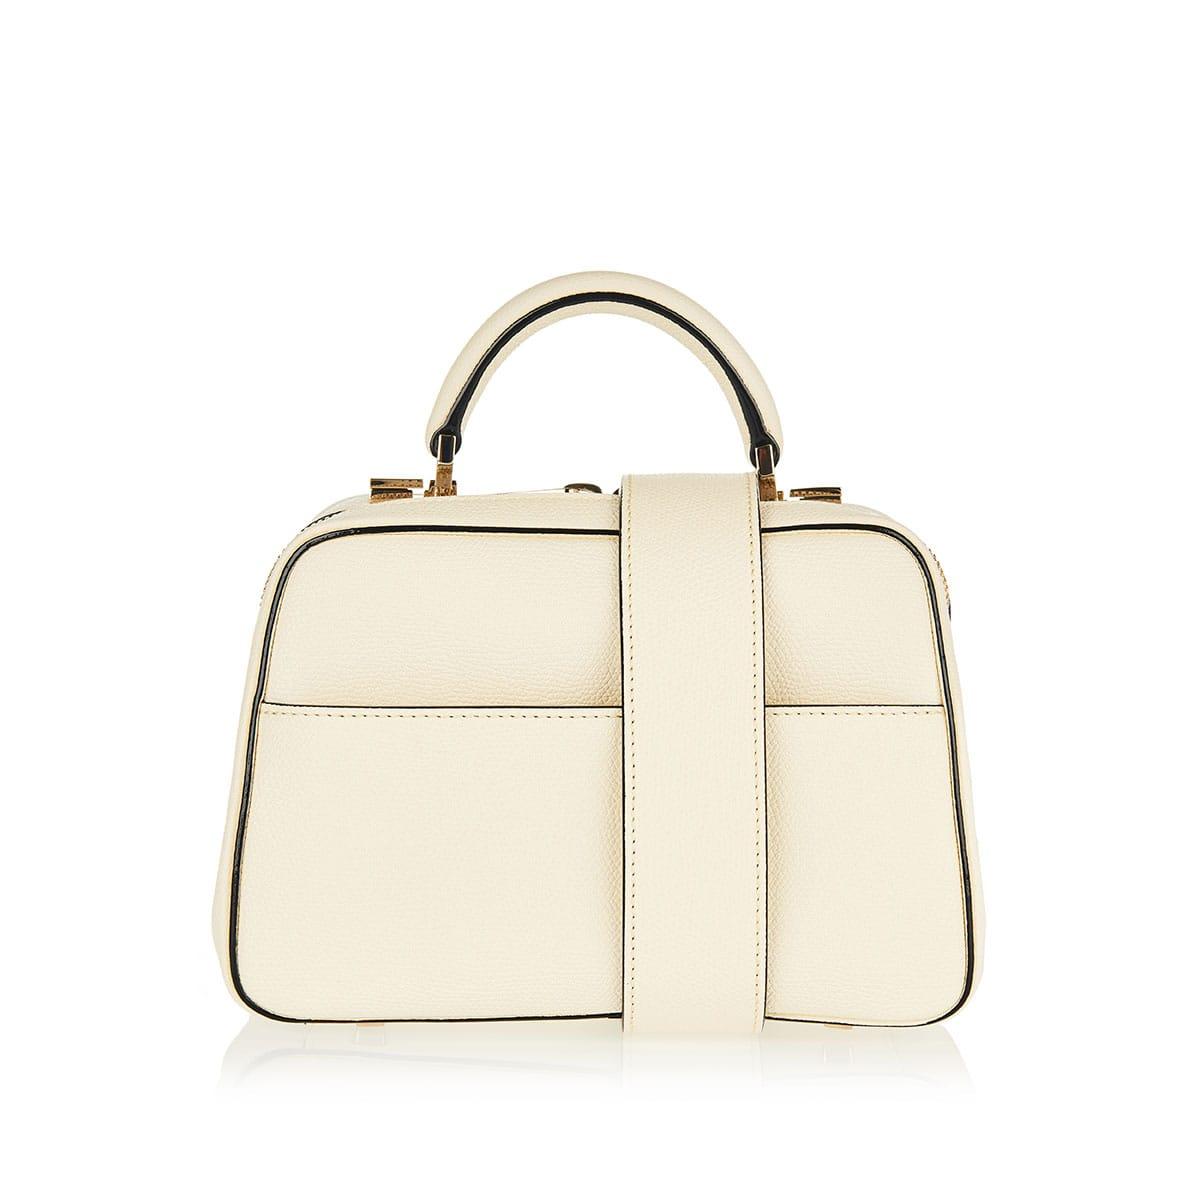 Serie S mini leather bag